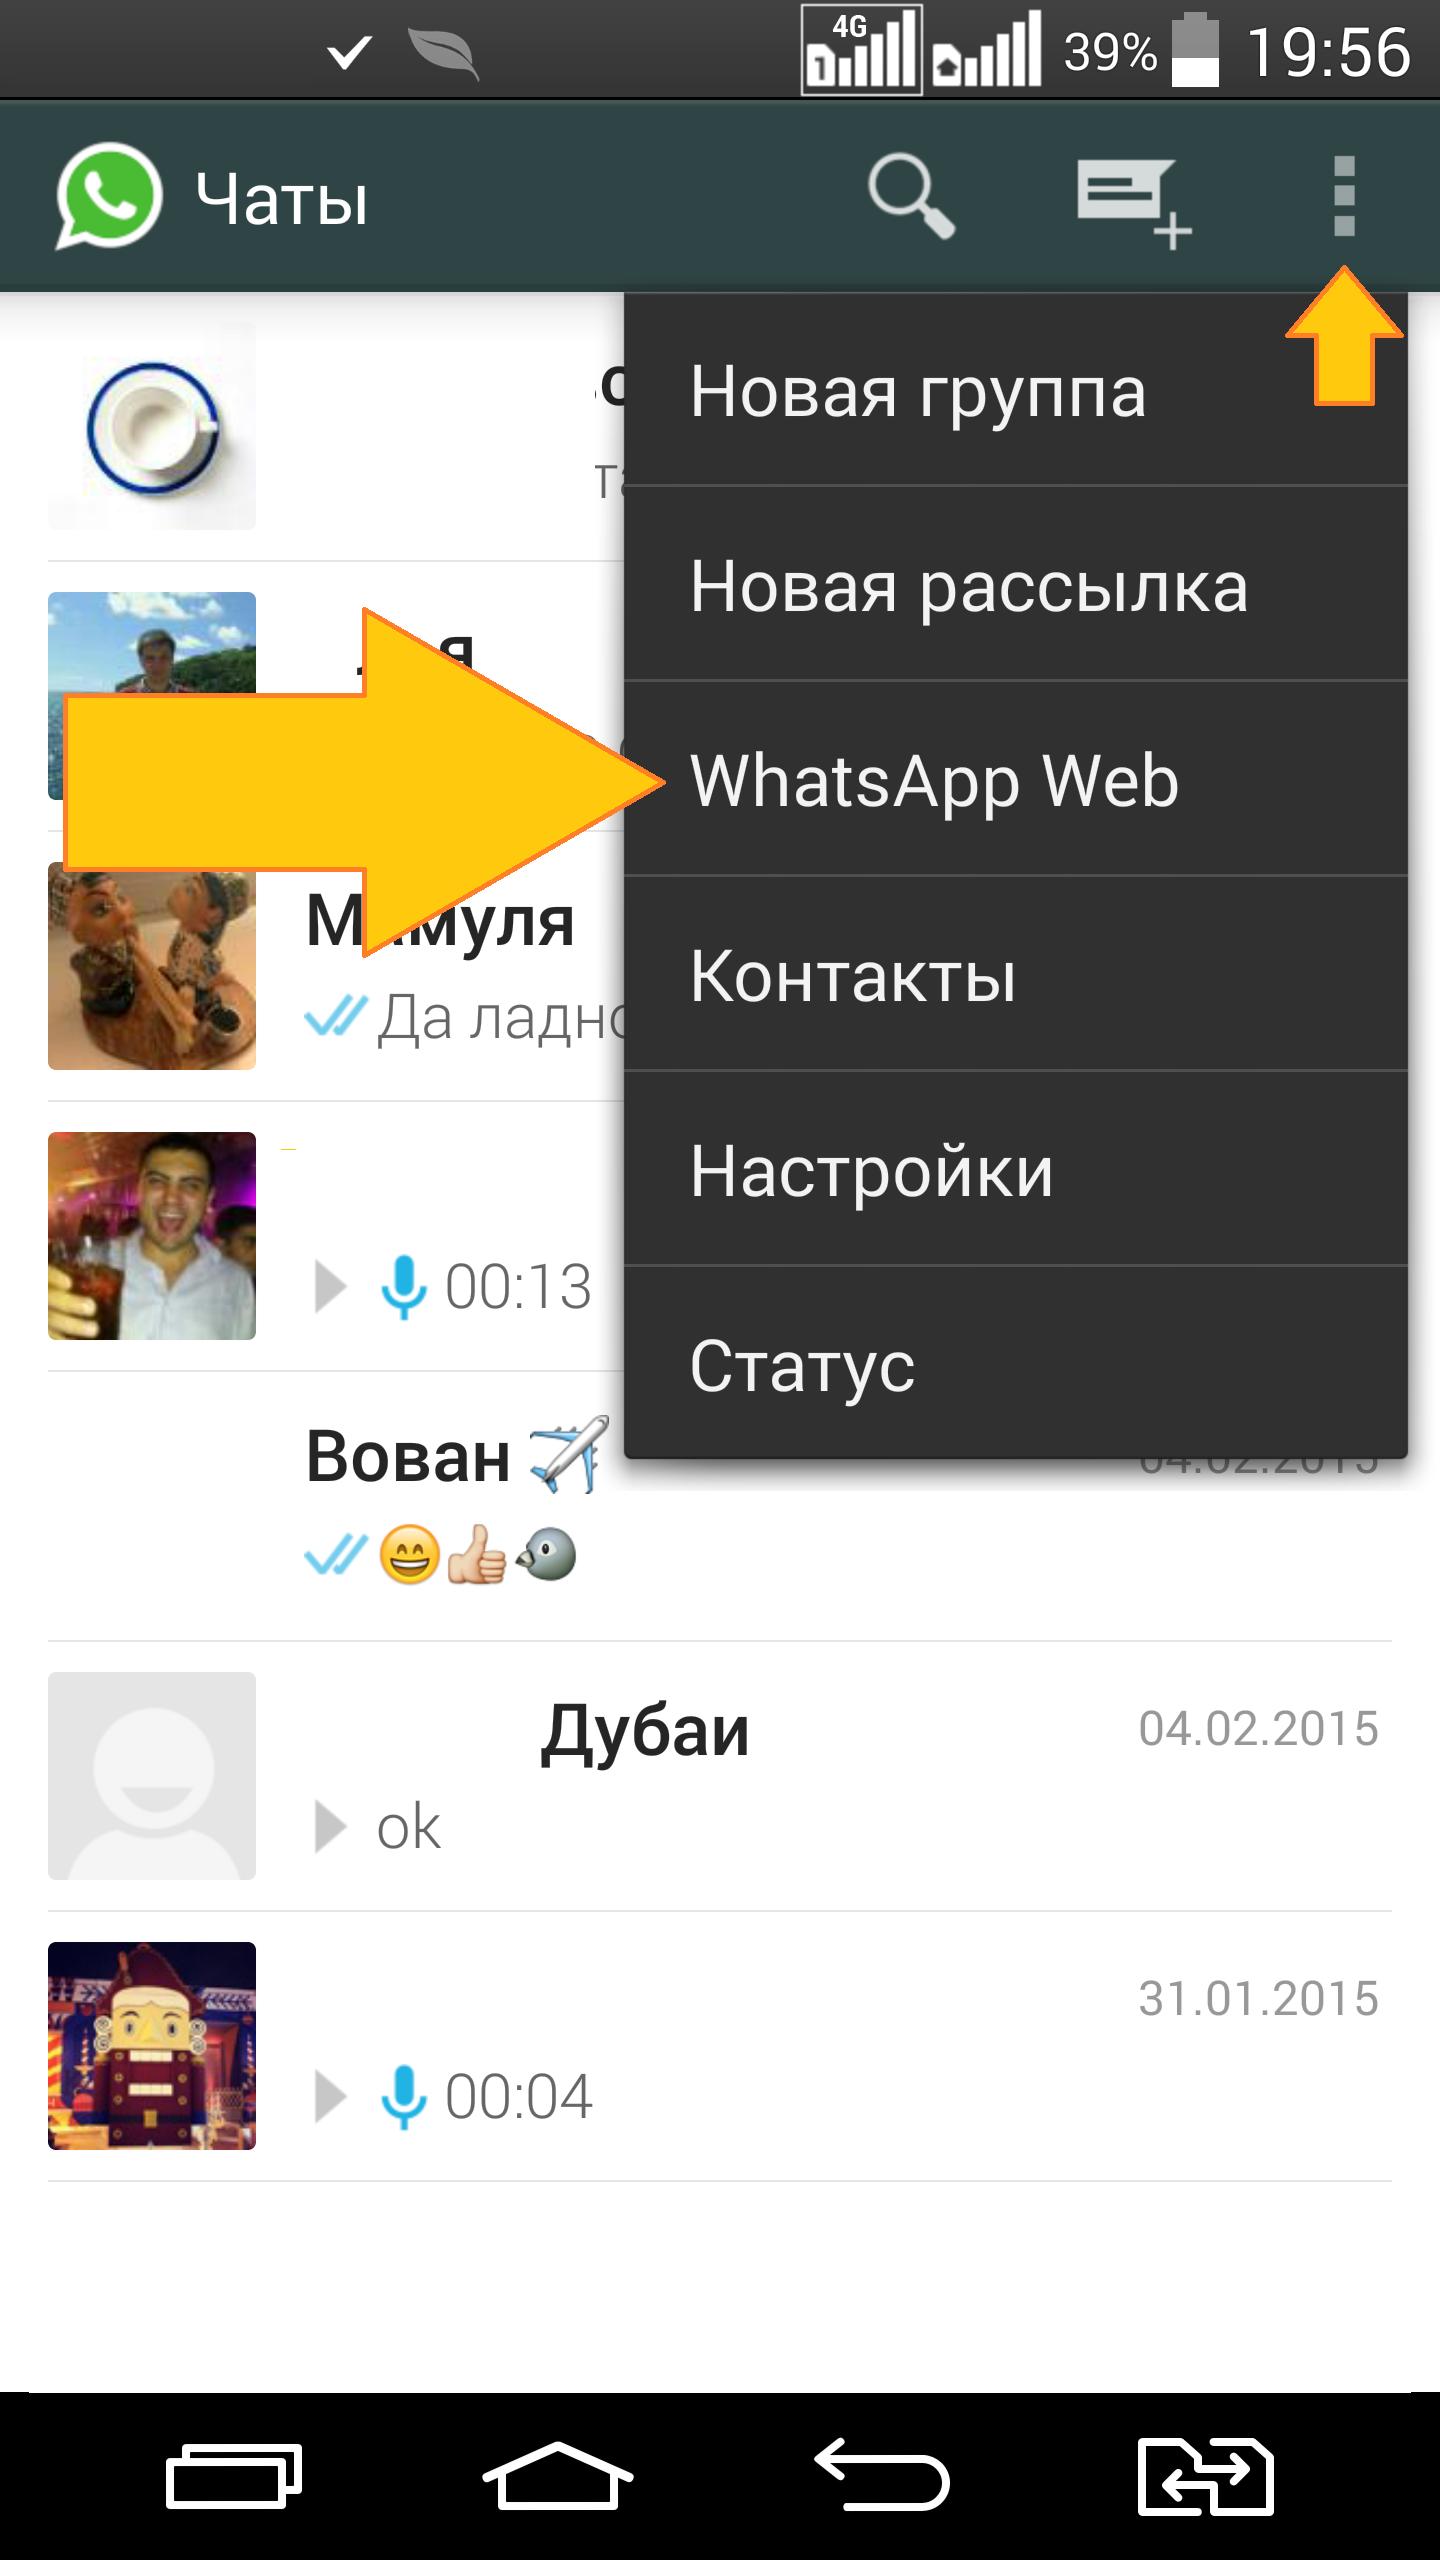 Whatsappcom для роста - 35ac